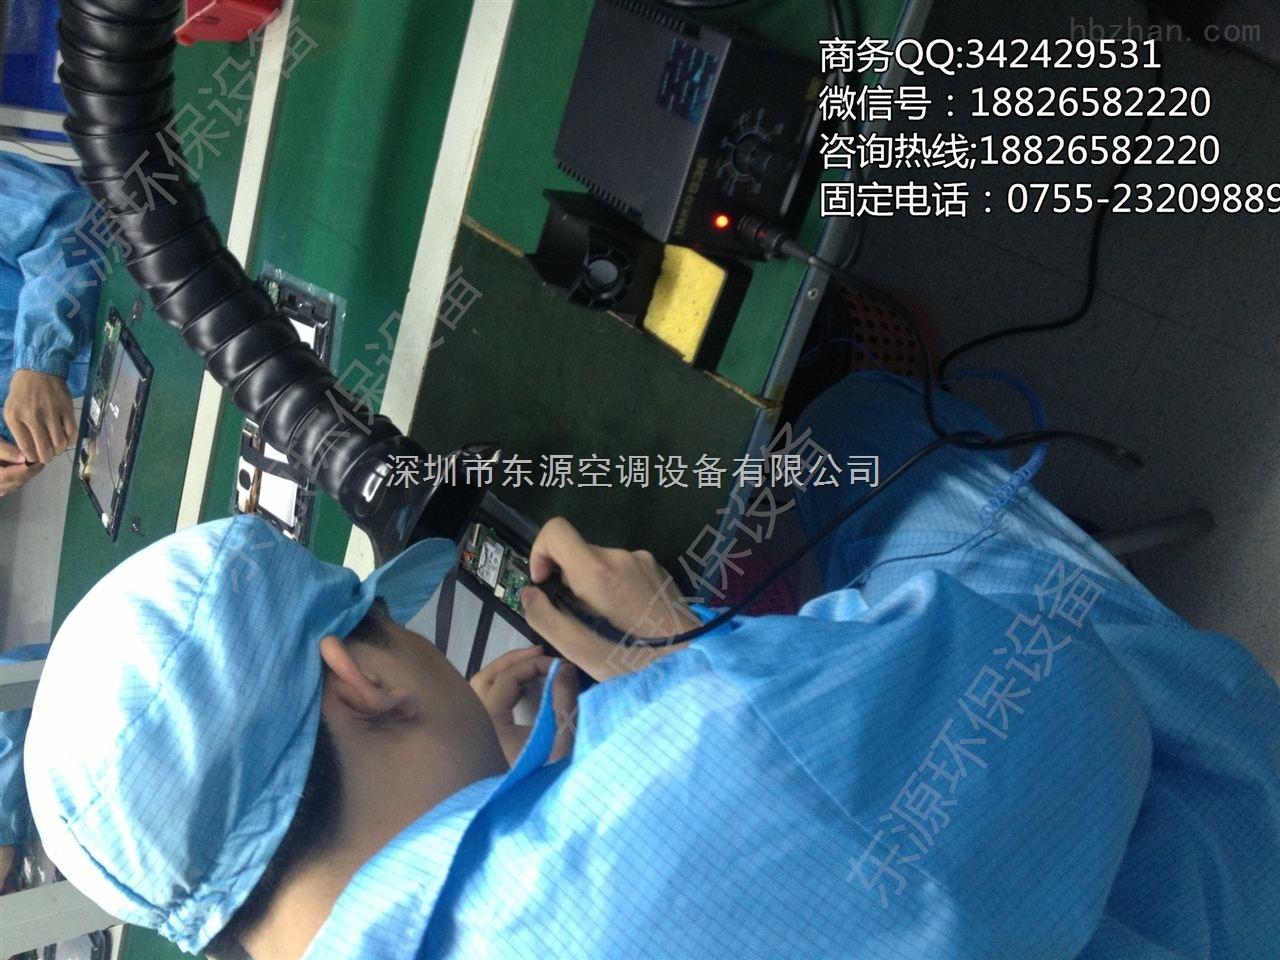 单口/双口-焊锡电路板流水线烟雾排烟设备